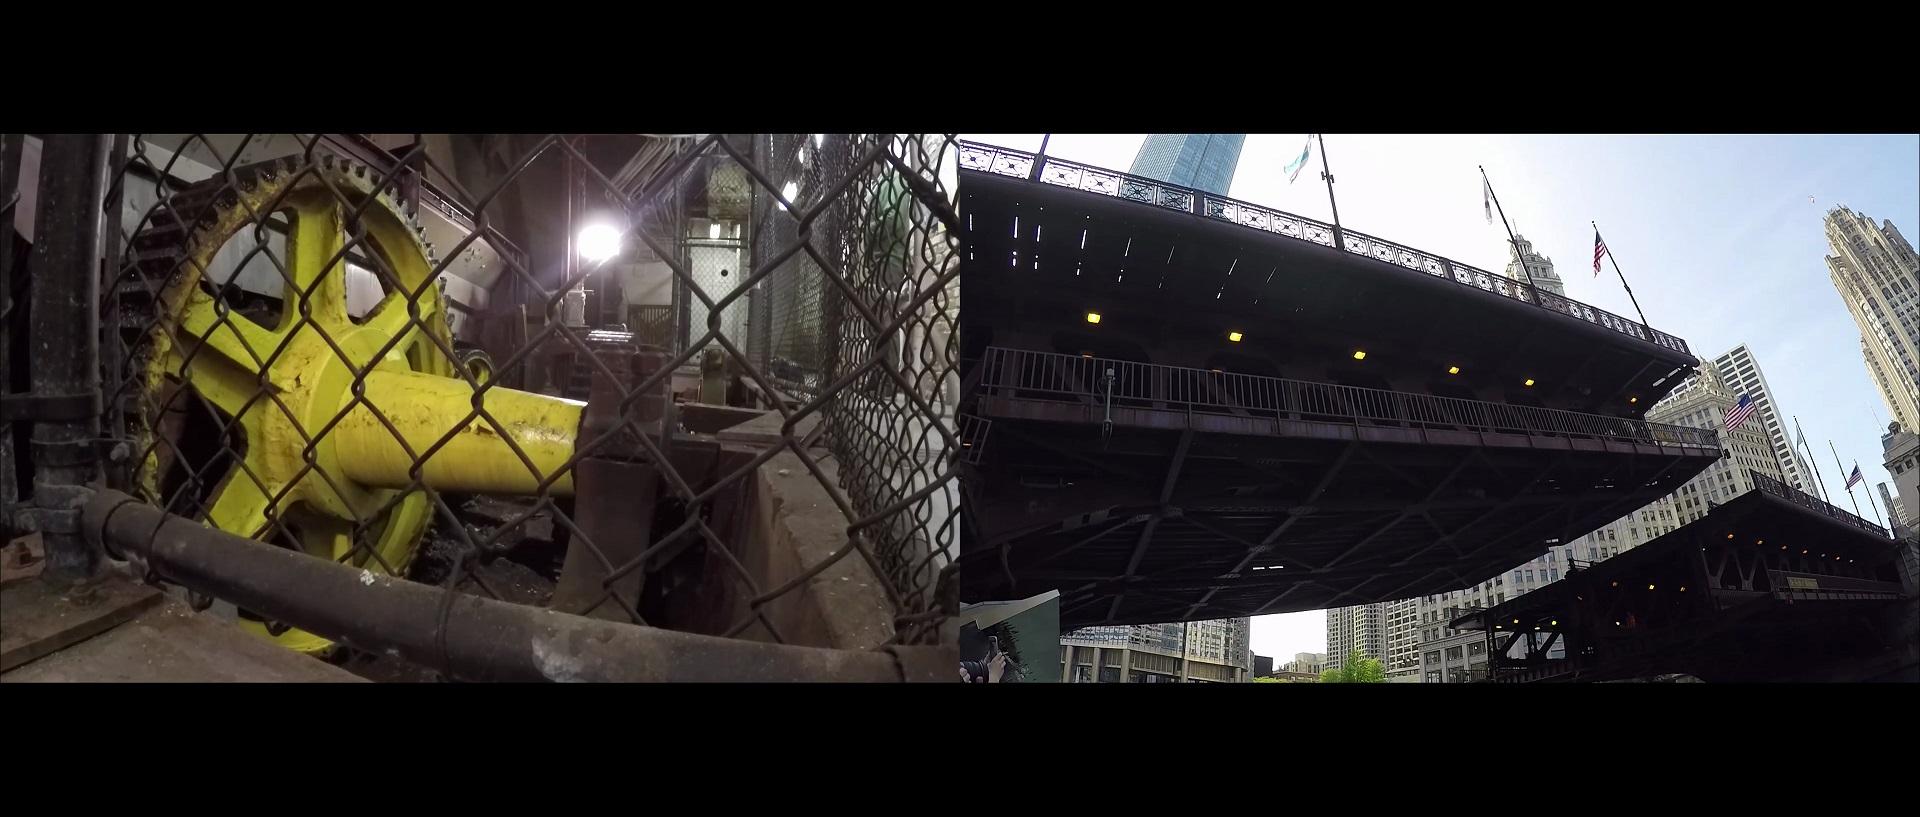 du sable bridge chicago